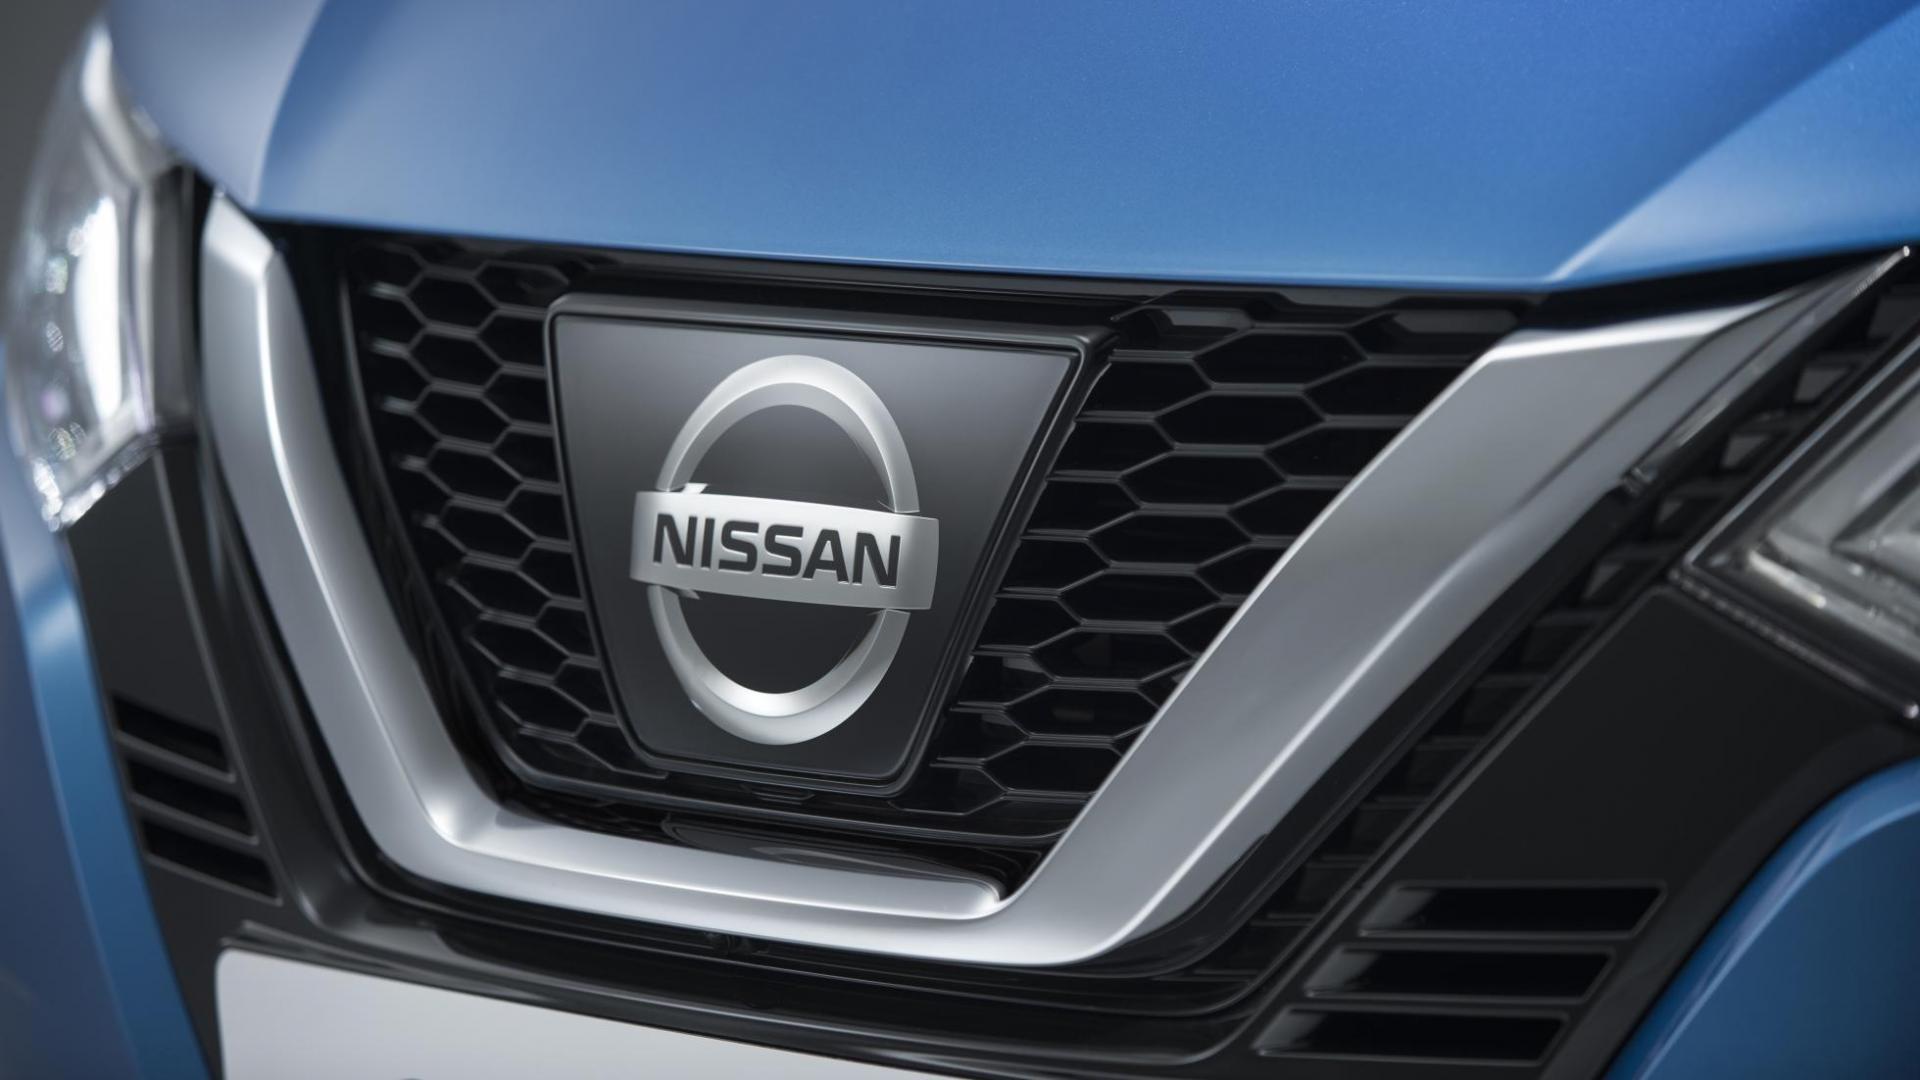 nissan qashqai zelfrijdend concept auto geneve 2017